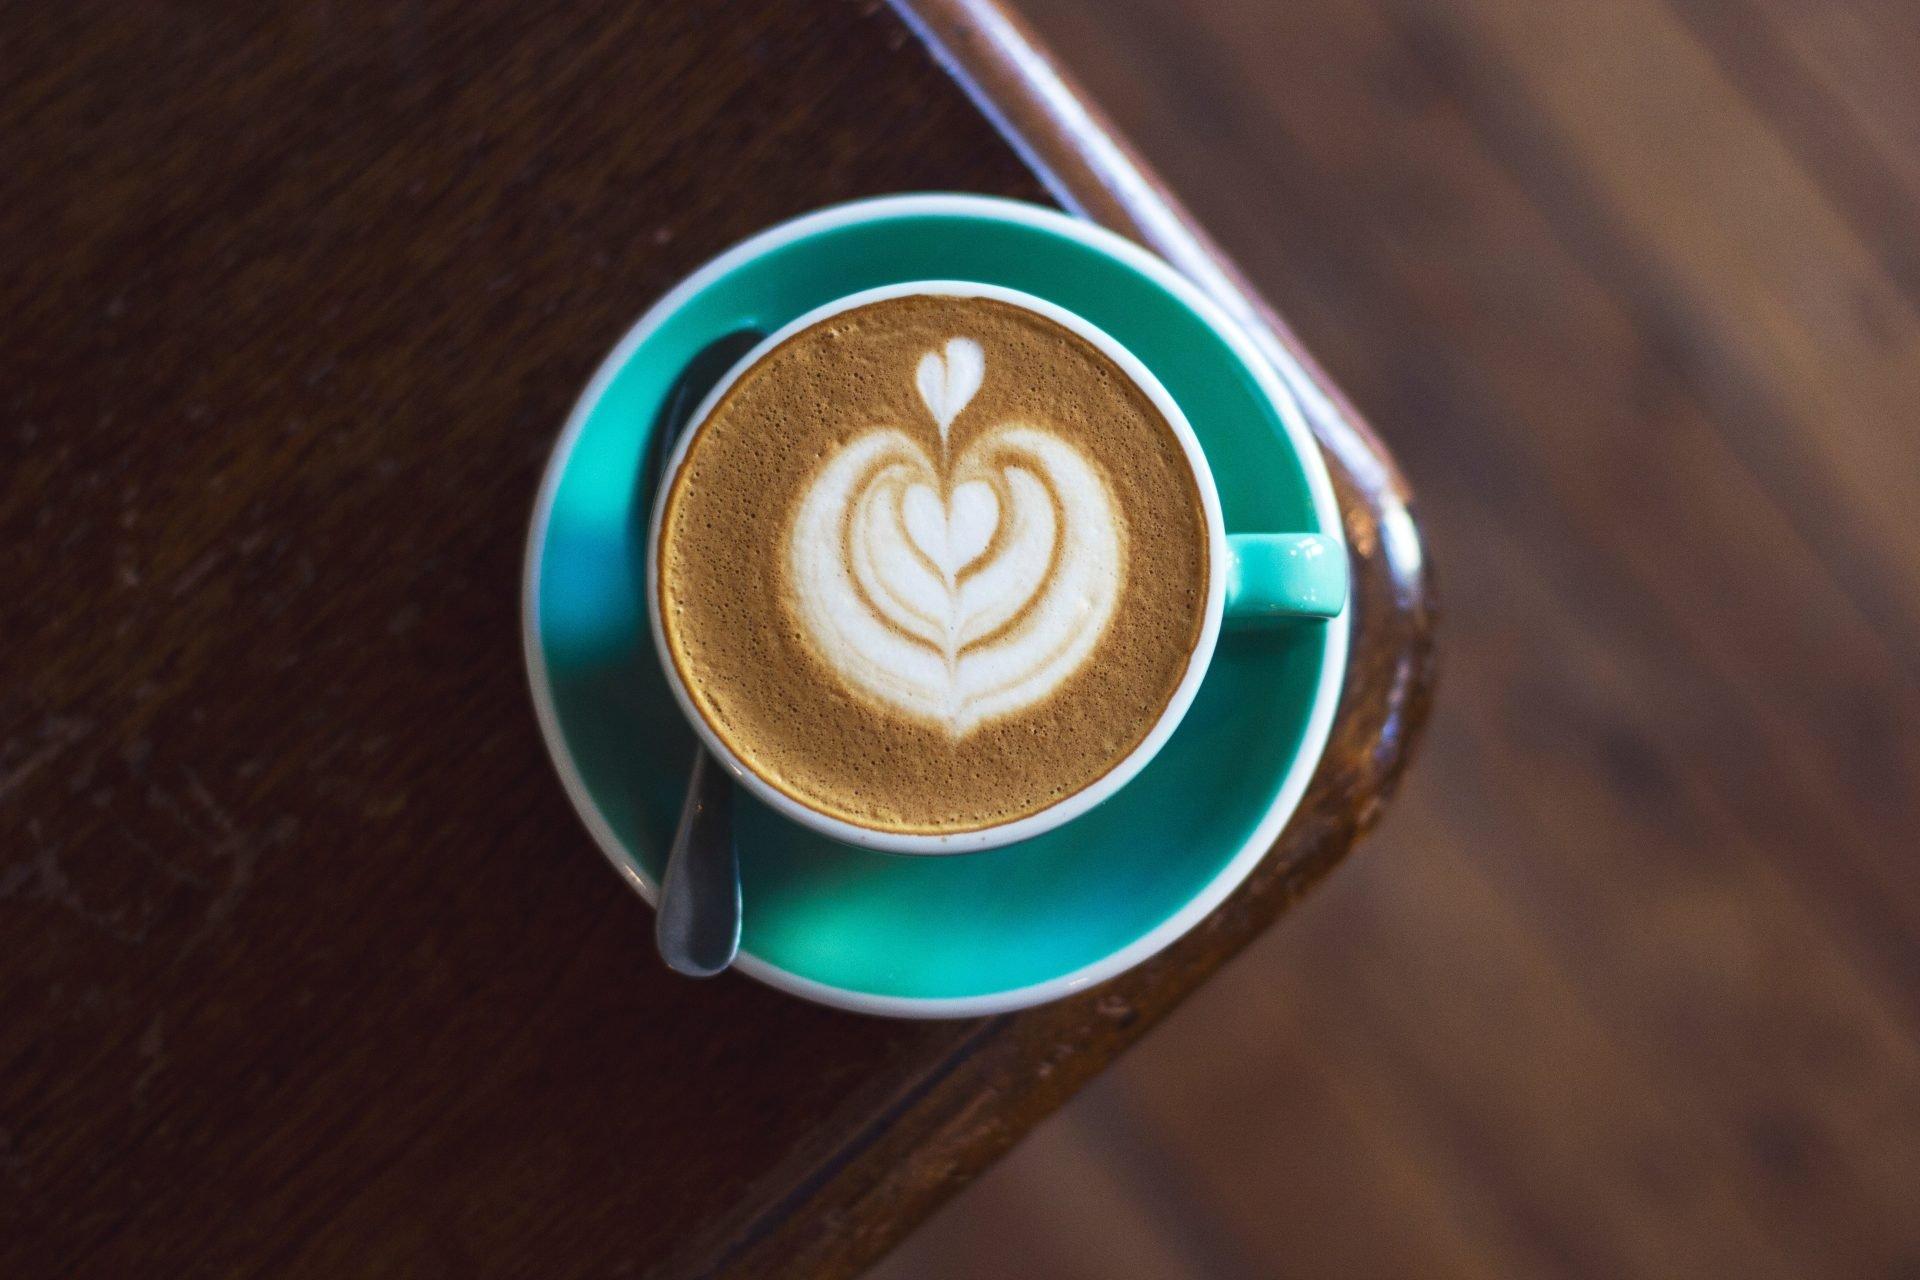 Как пьют кофе в разных странах мира?